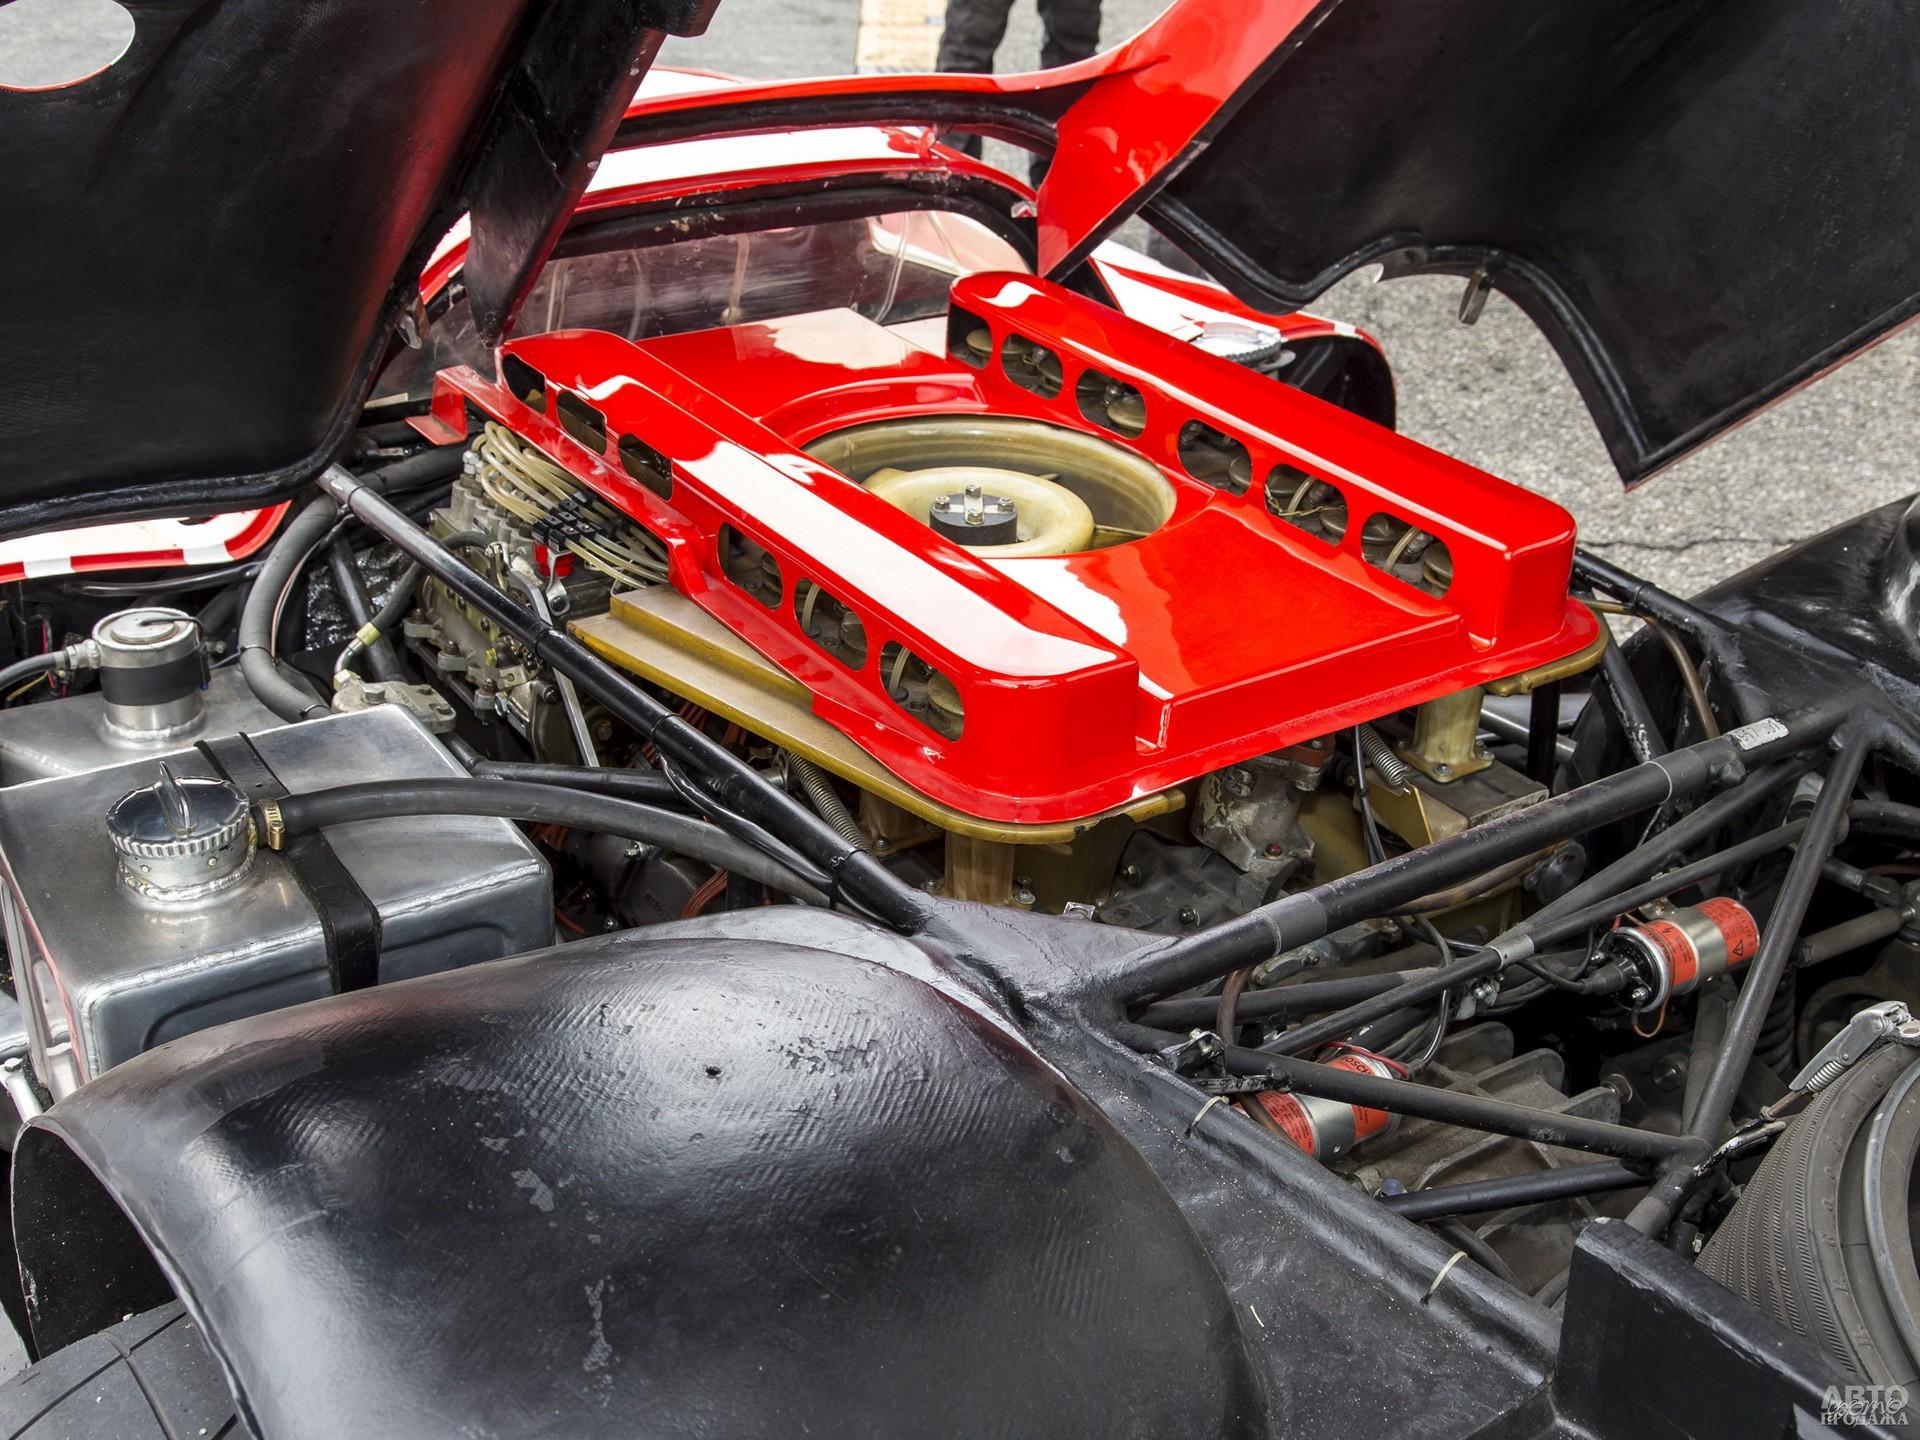 Оппозитный 12-цилиндровый двигатель имел воздушное охлаждение